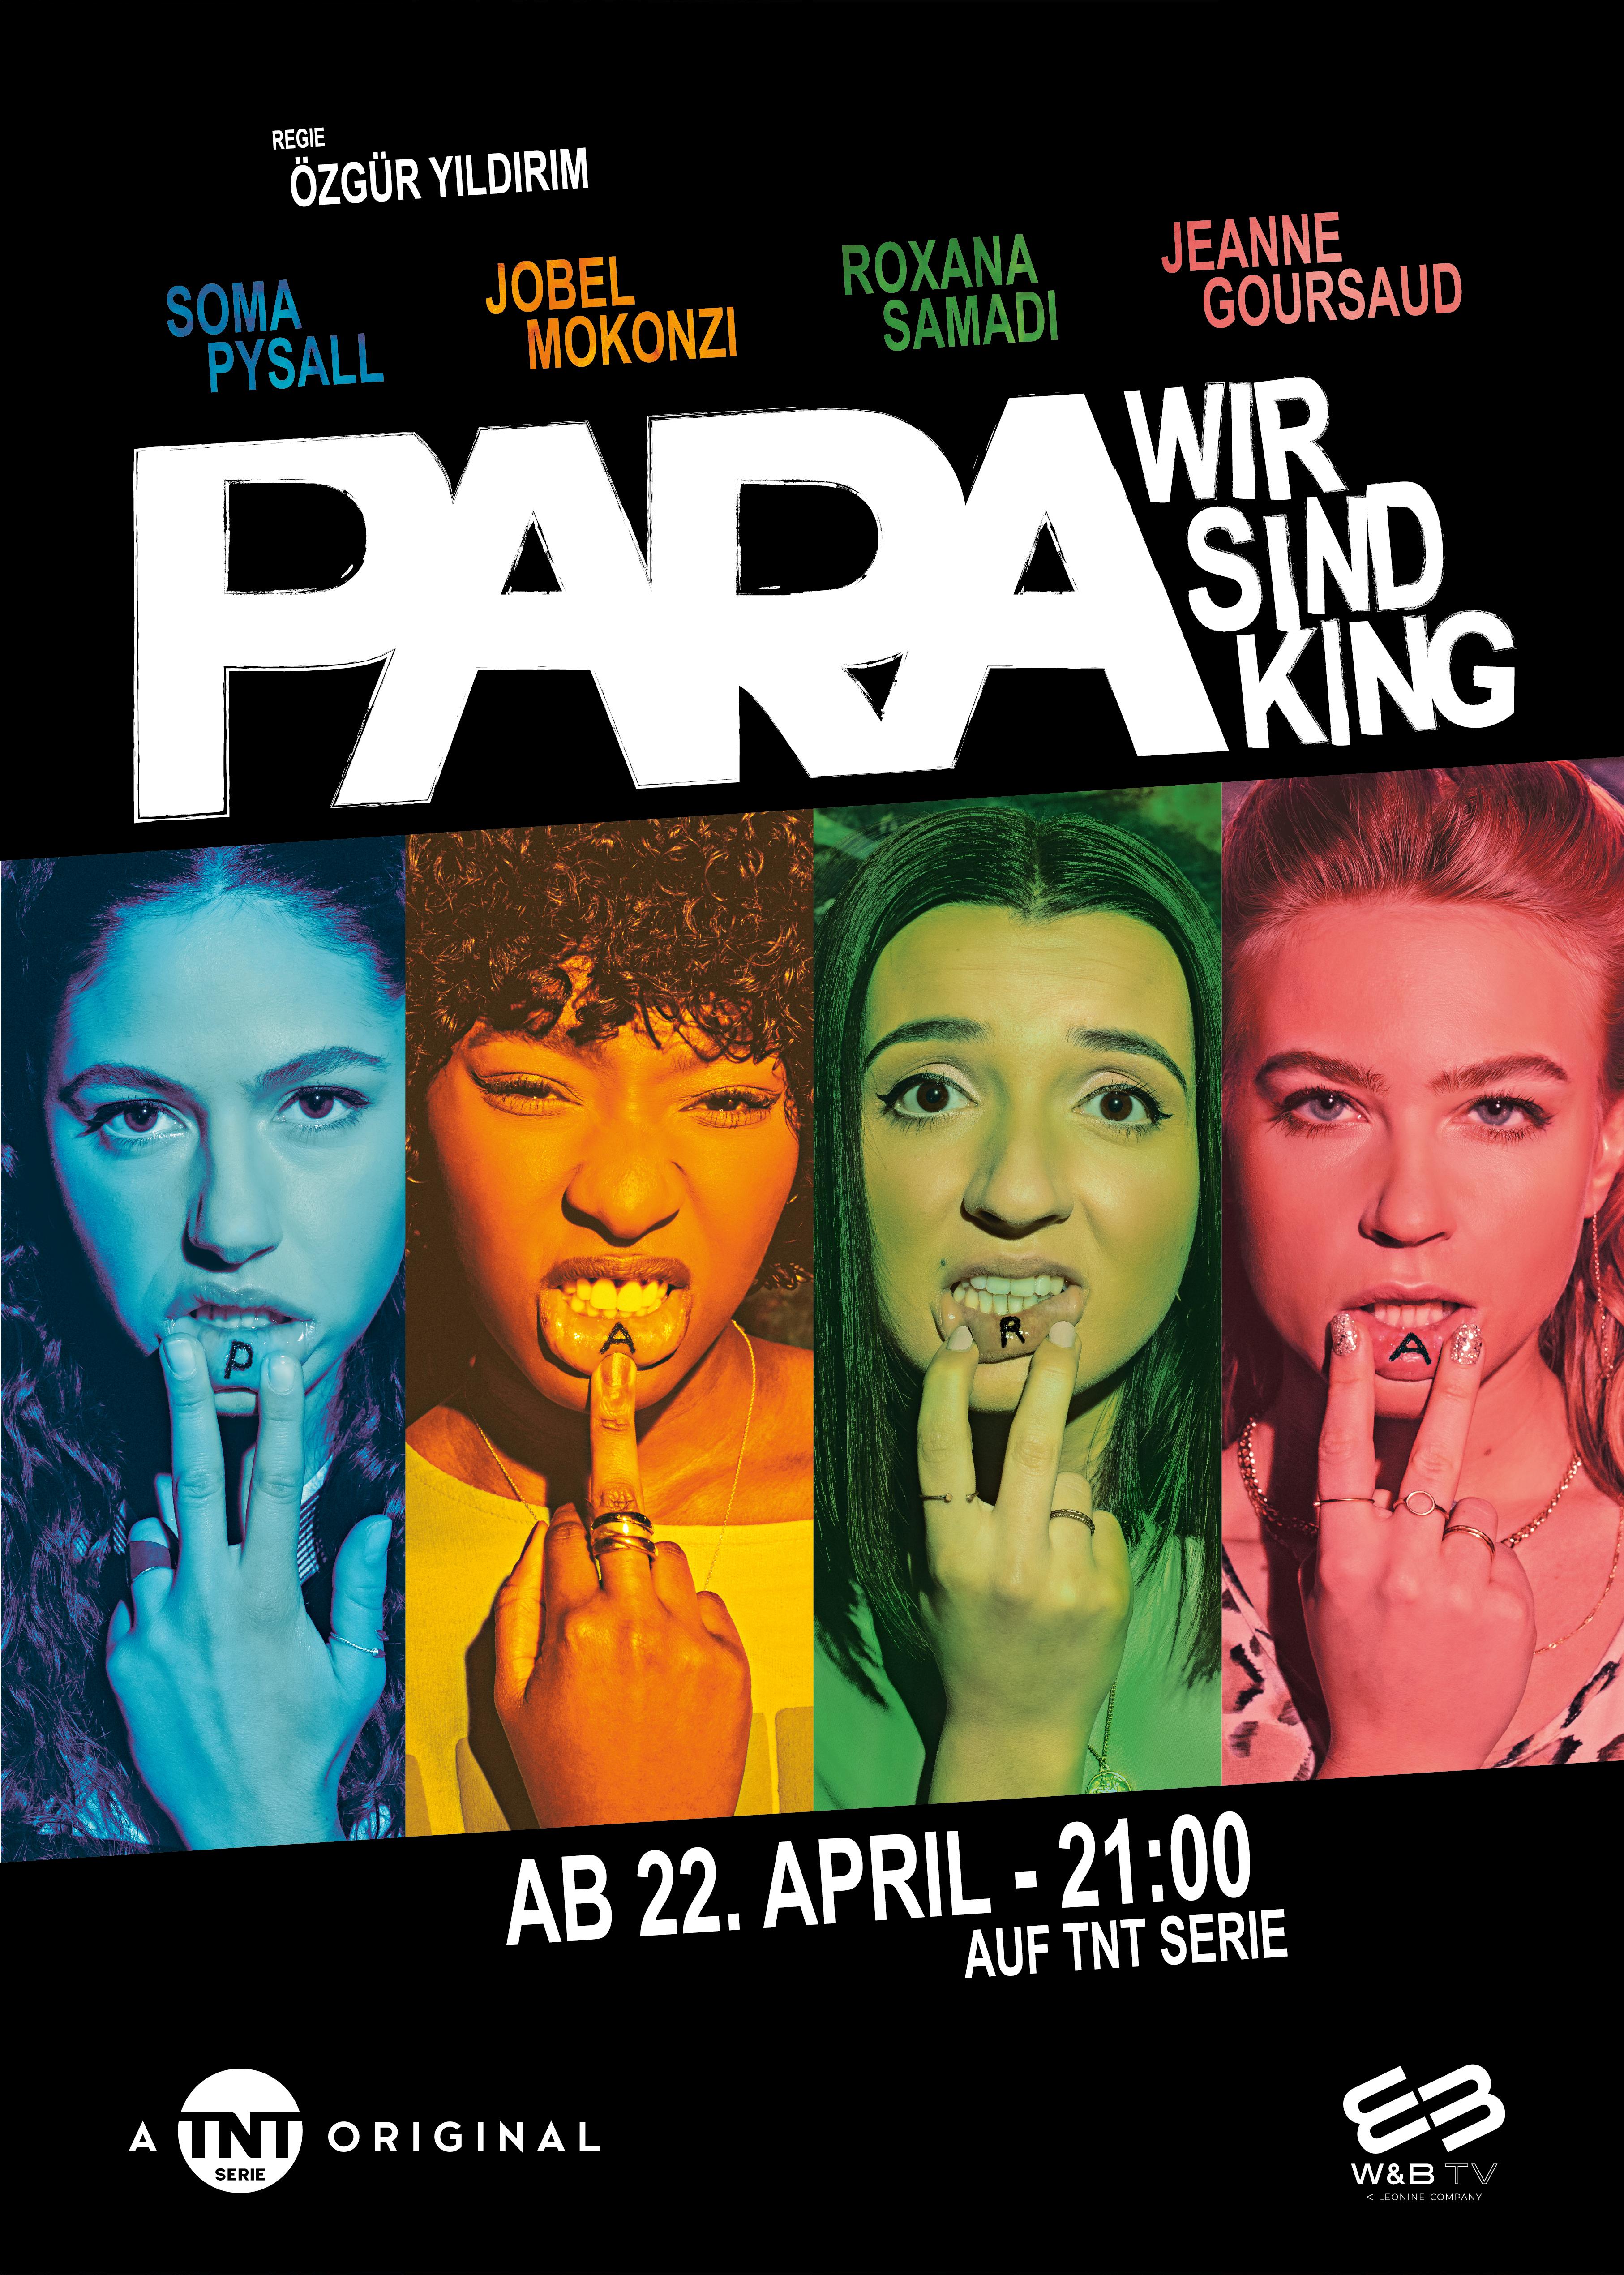 Para - Wir sind King Aka Para We Are King